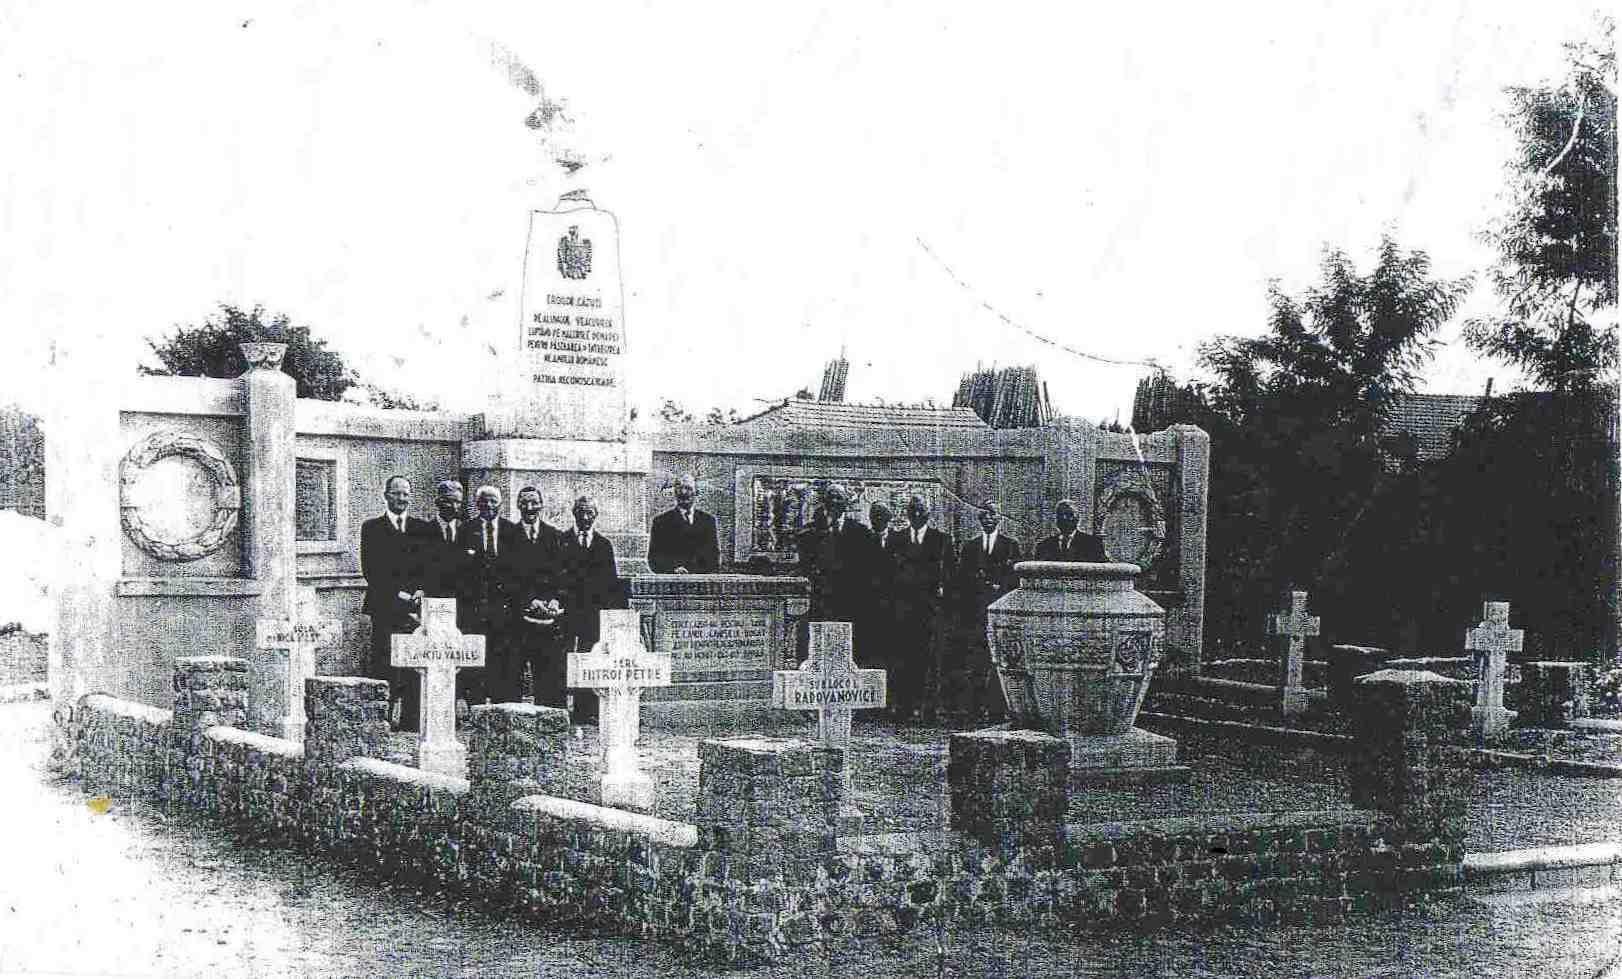 Monumentul ostasului necunoscut de la Oltenita